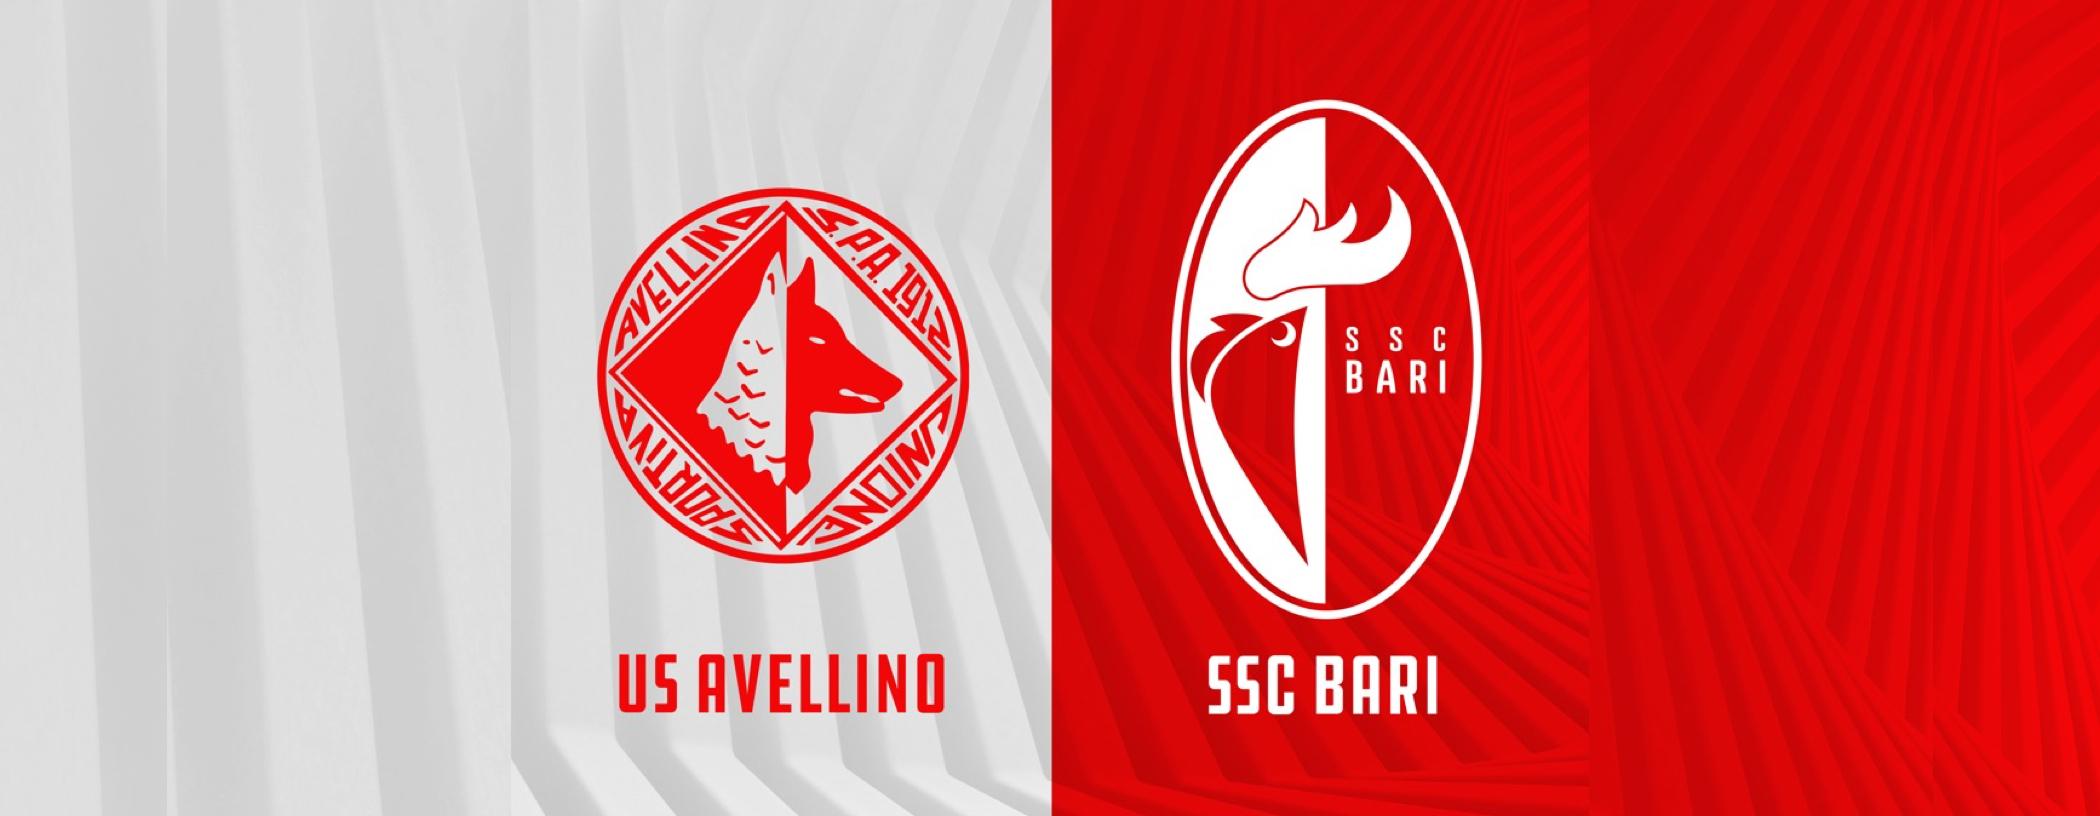 Avellino-Bari: tutte le informazioni utili 238-6vFA0ghNuqZ1cEpDVcd8